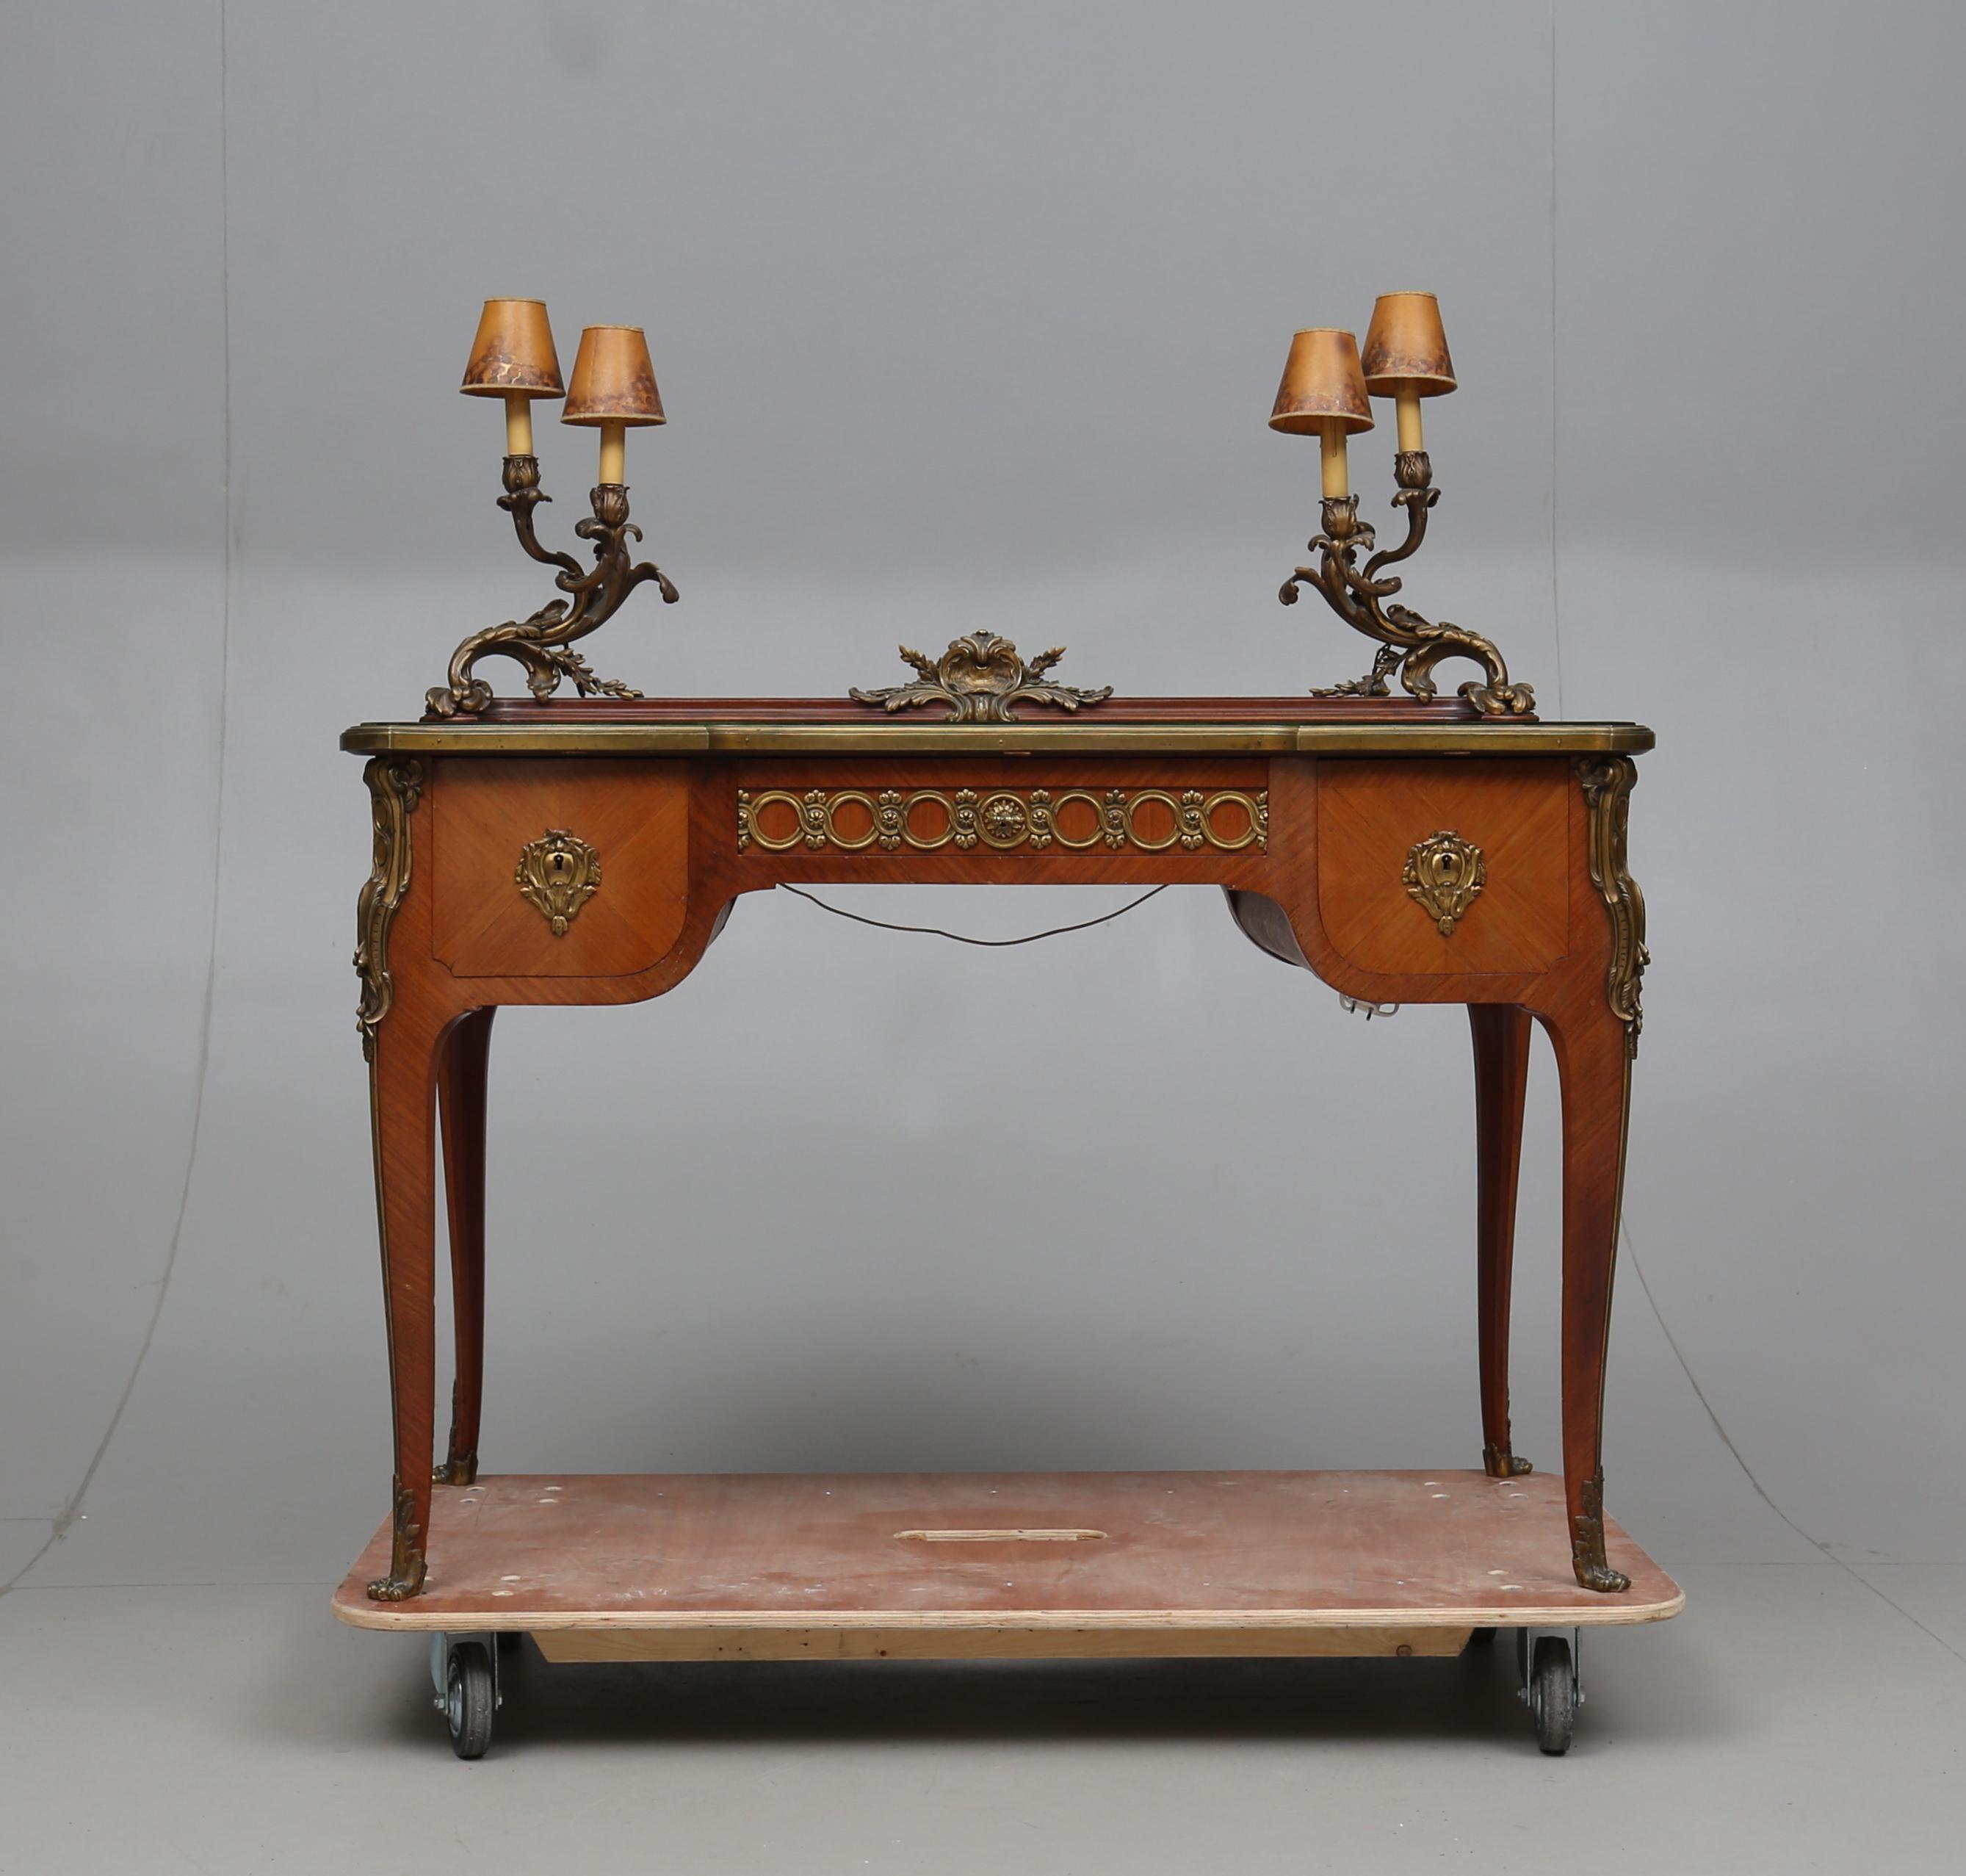 SMINKBORD, rokokostil, 1900 tal. Möbler Bord Auctionet